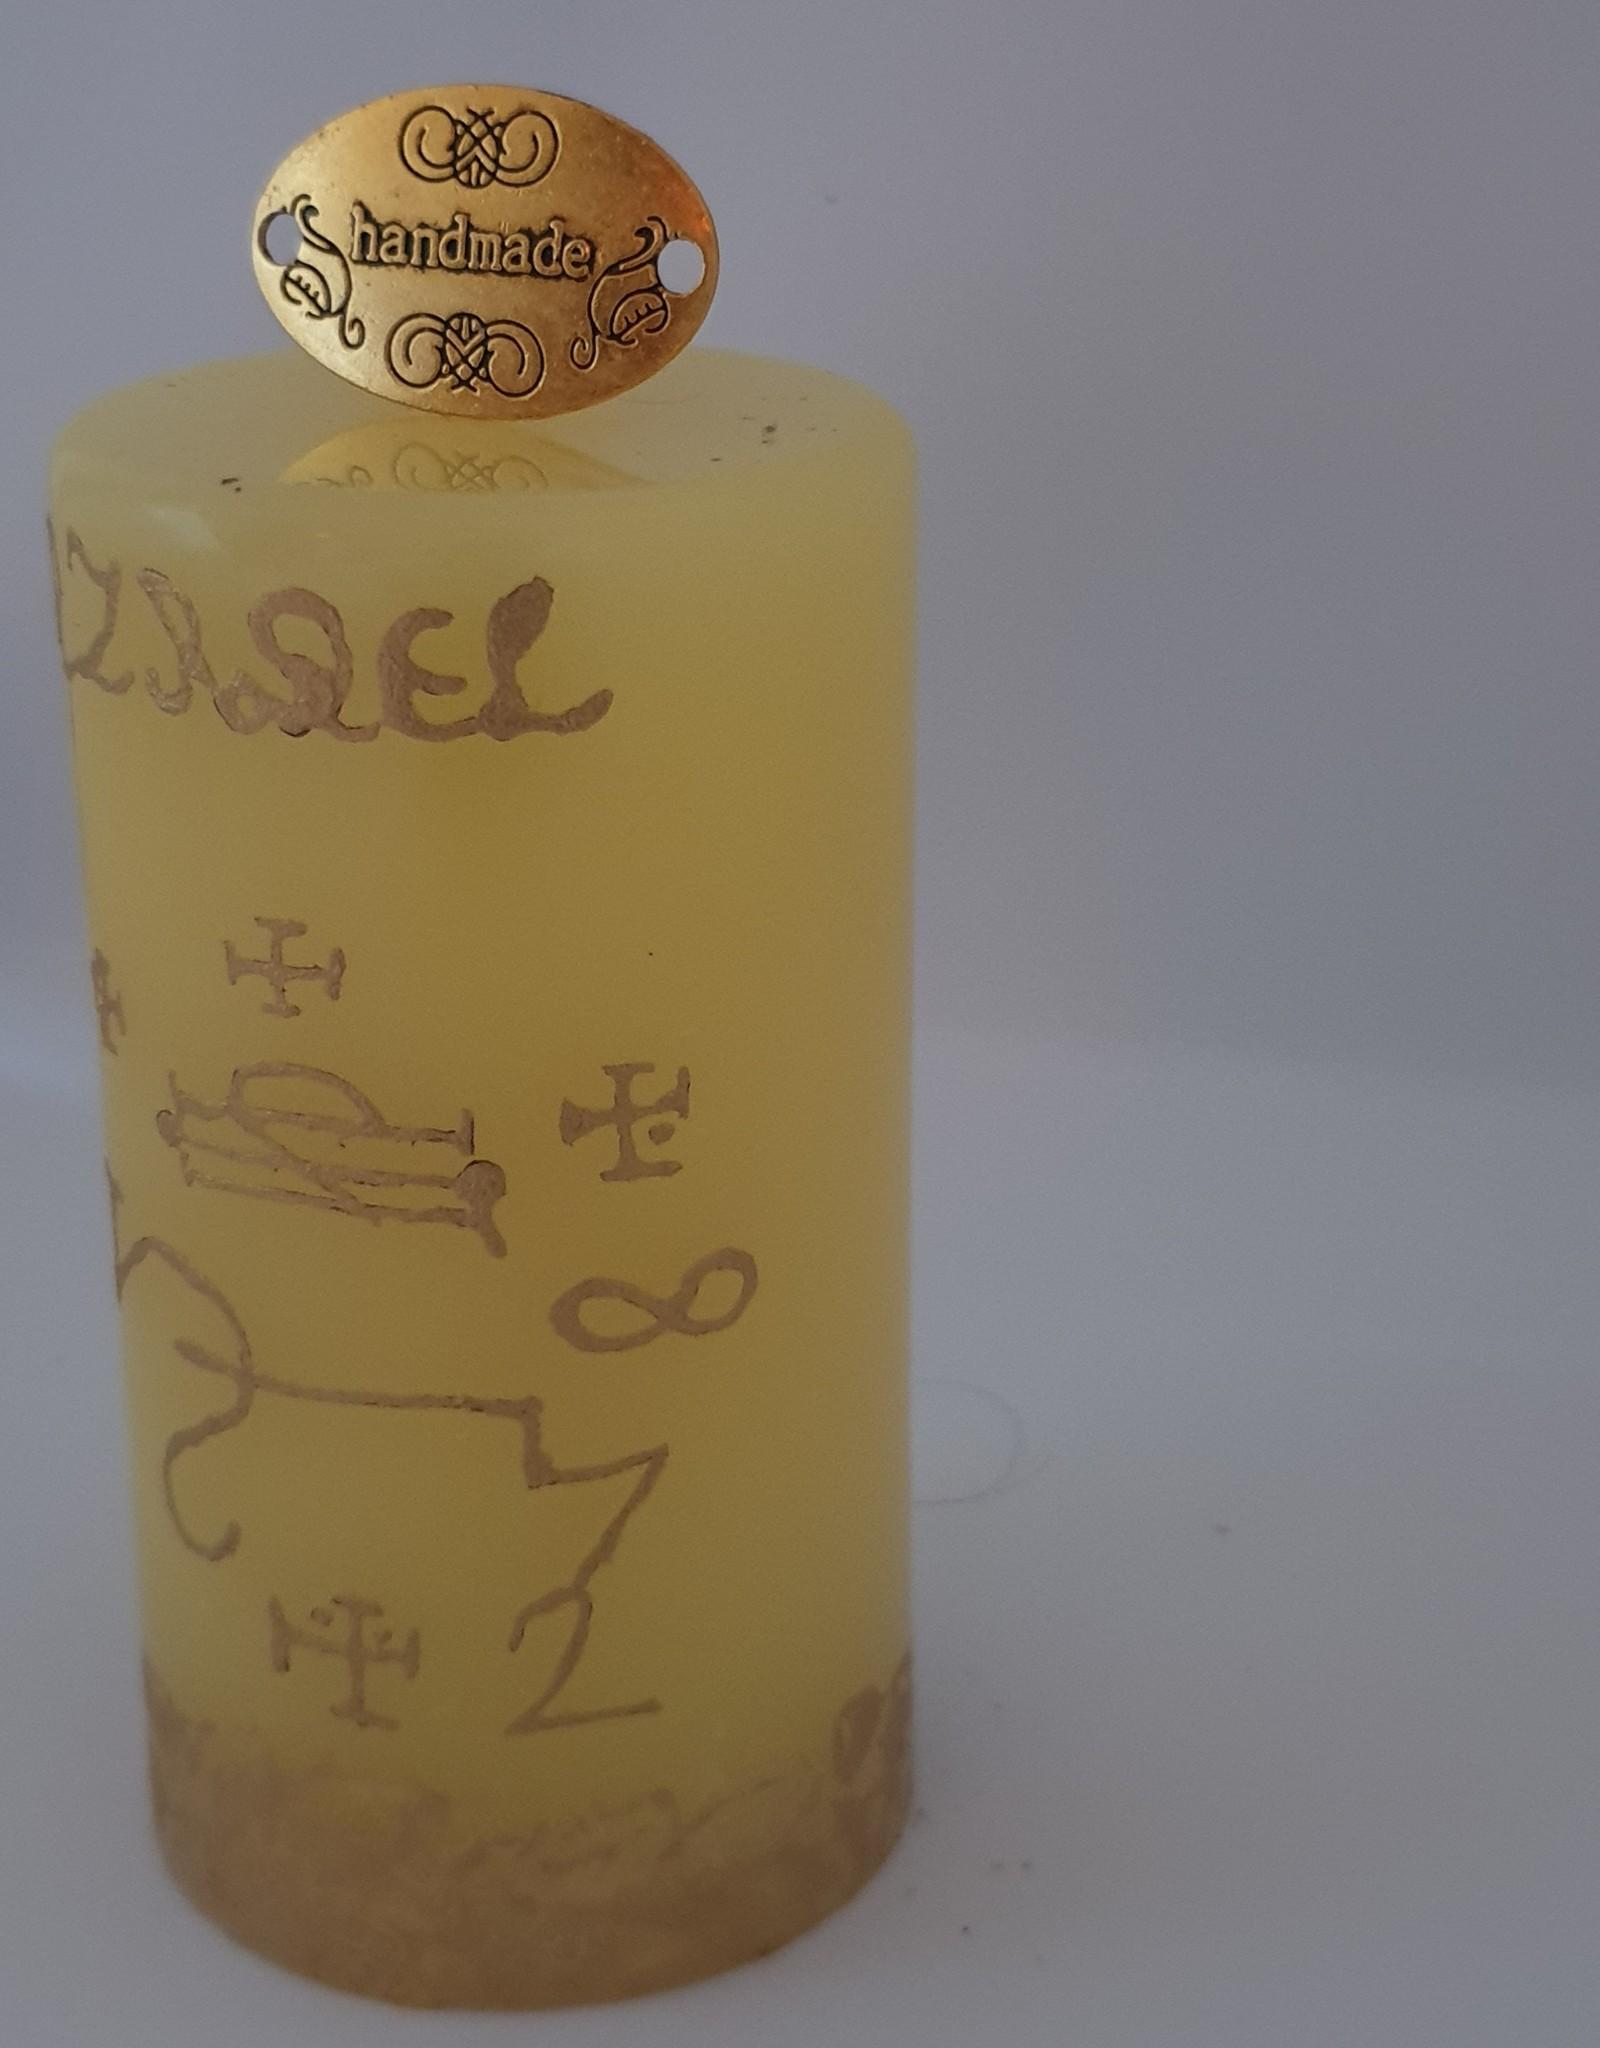 seazido - wevyra archangel Azraël